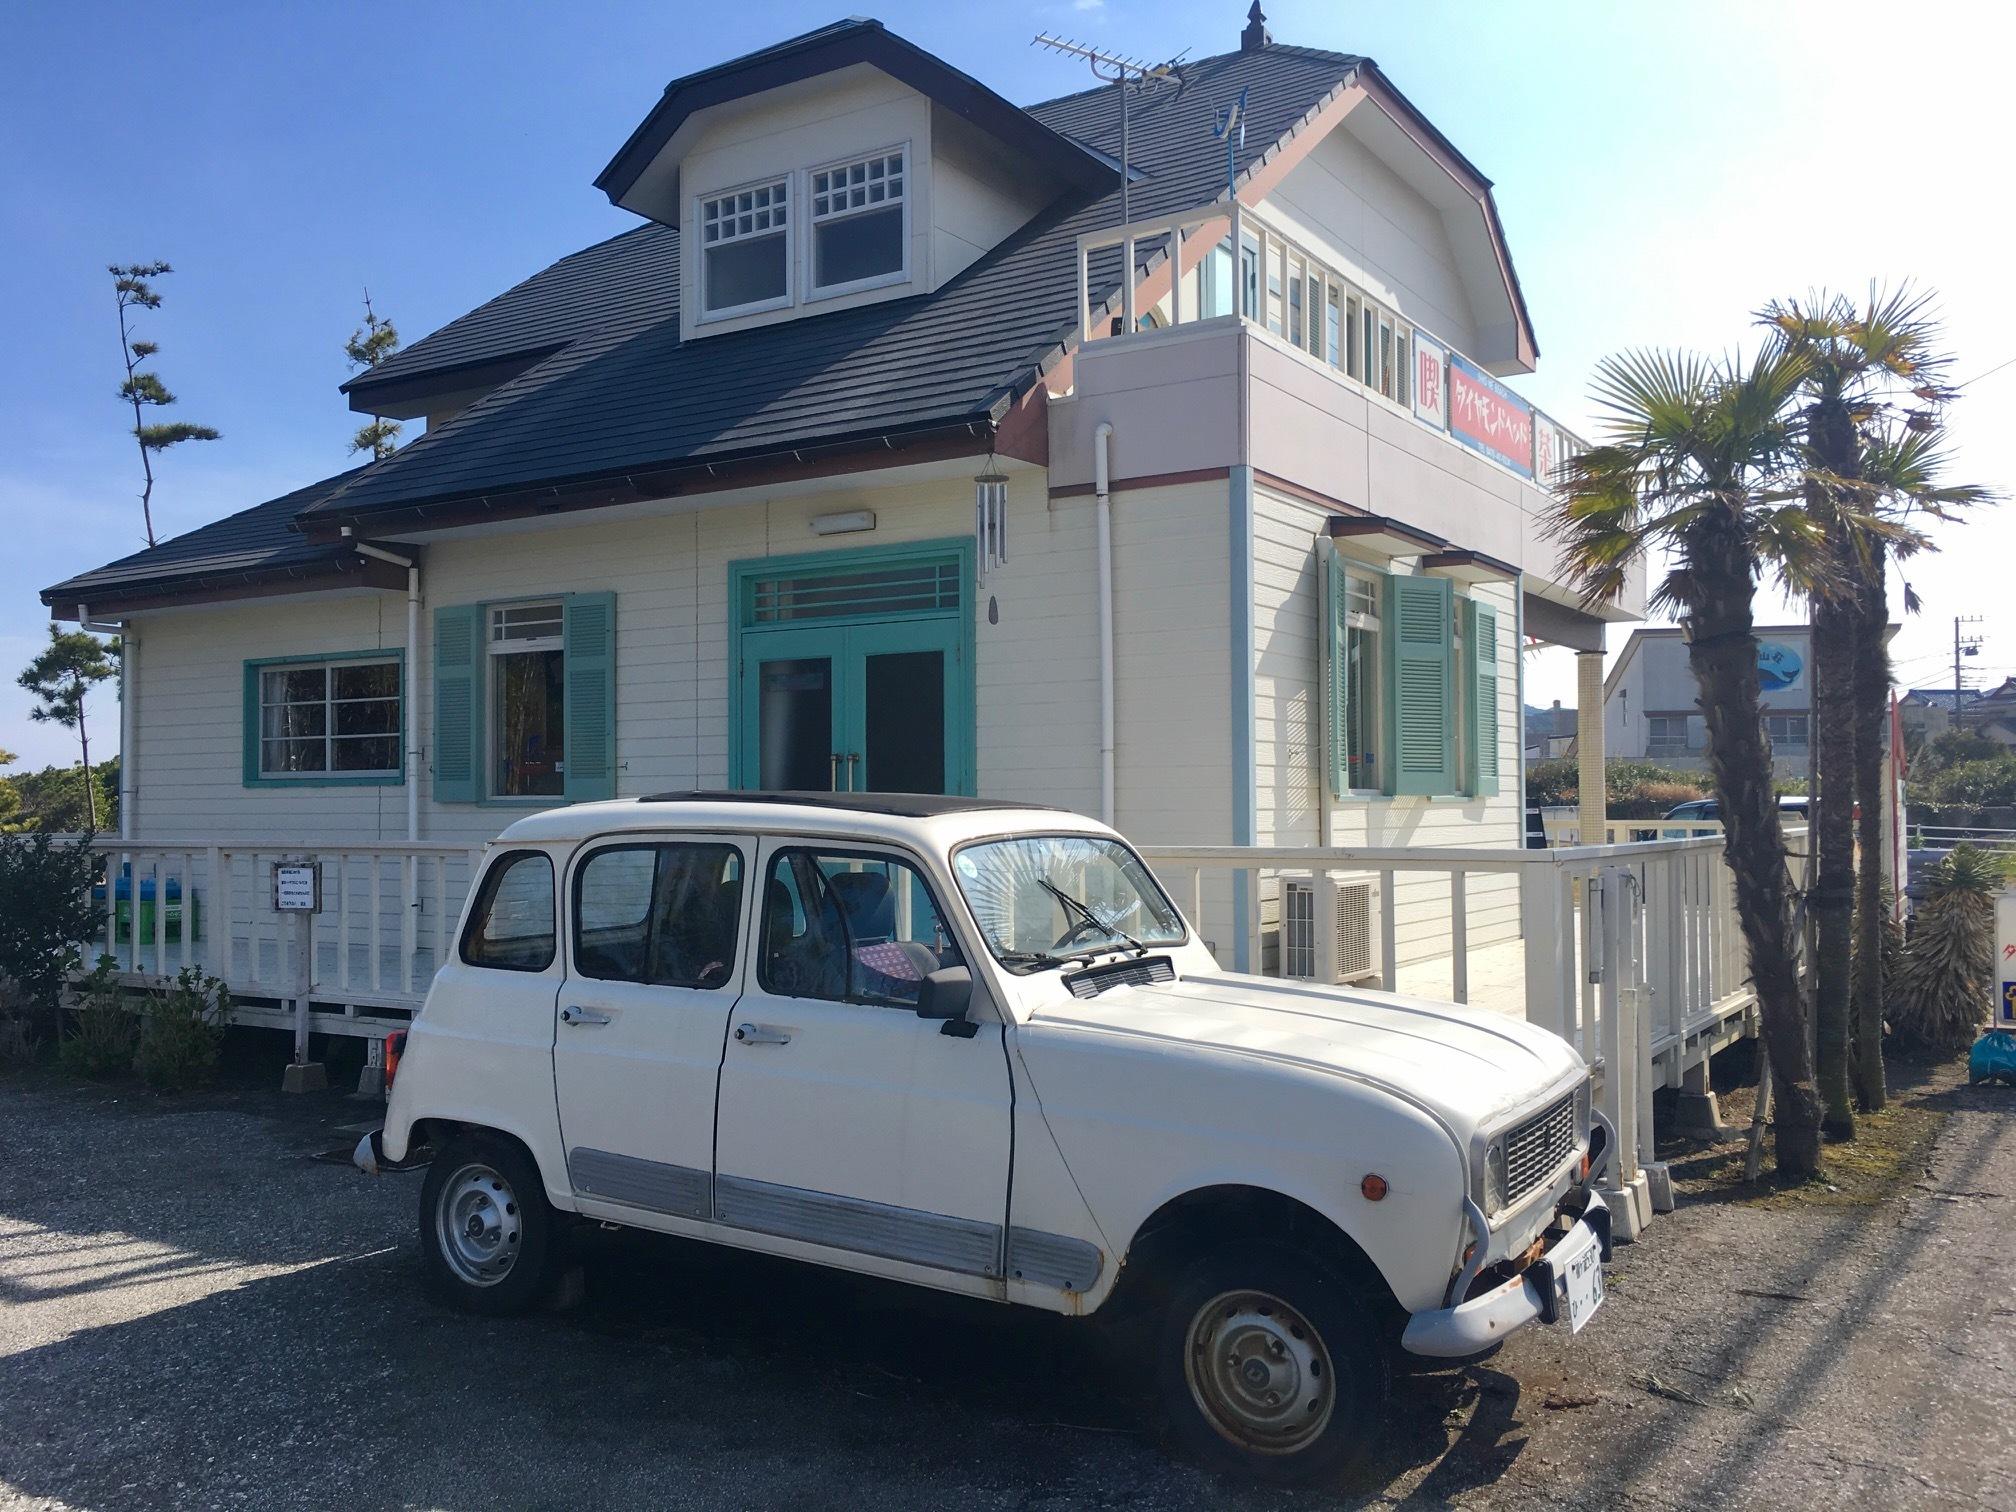 個人撮影:ドラマビーチボーイズで使用された民宿をモチーフにした房総にあるカフェ